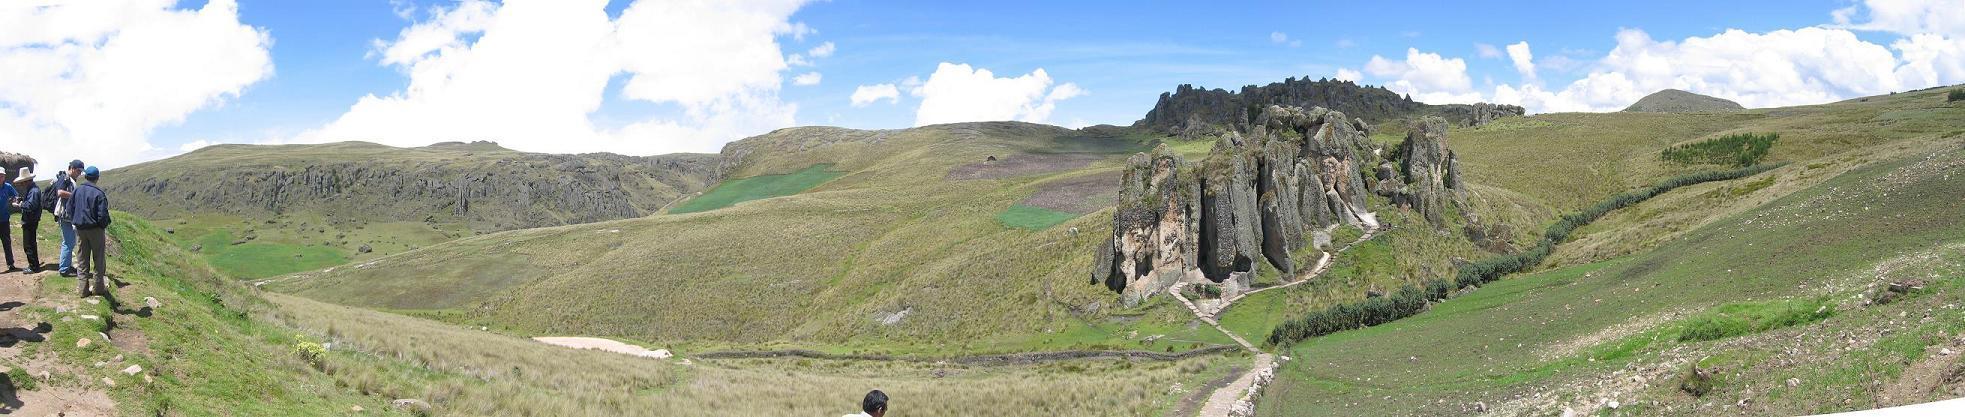 Peru_cajamarca_cumbemayo2